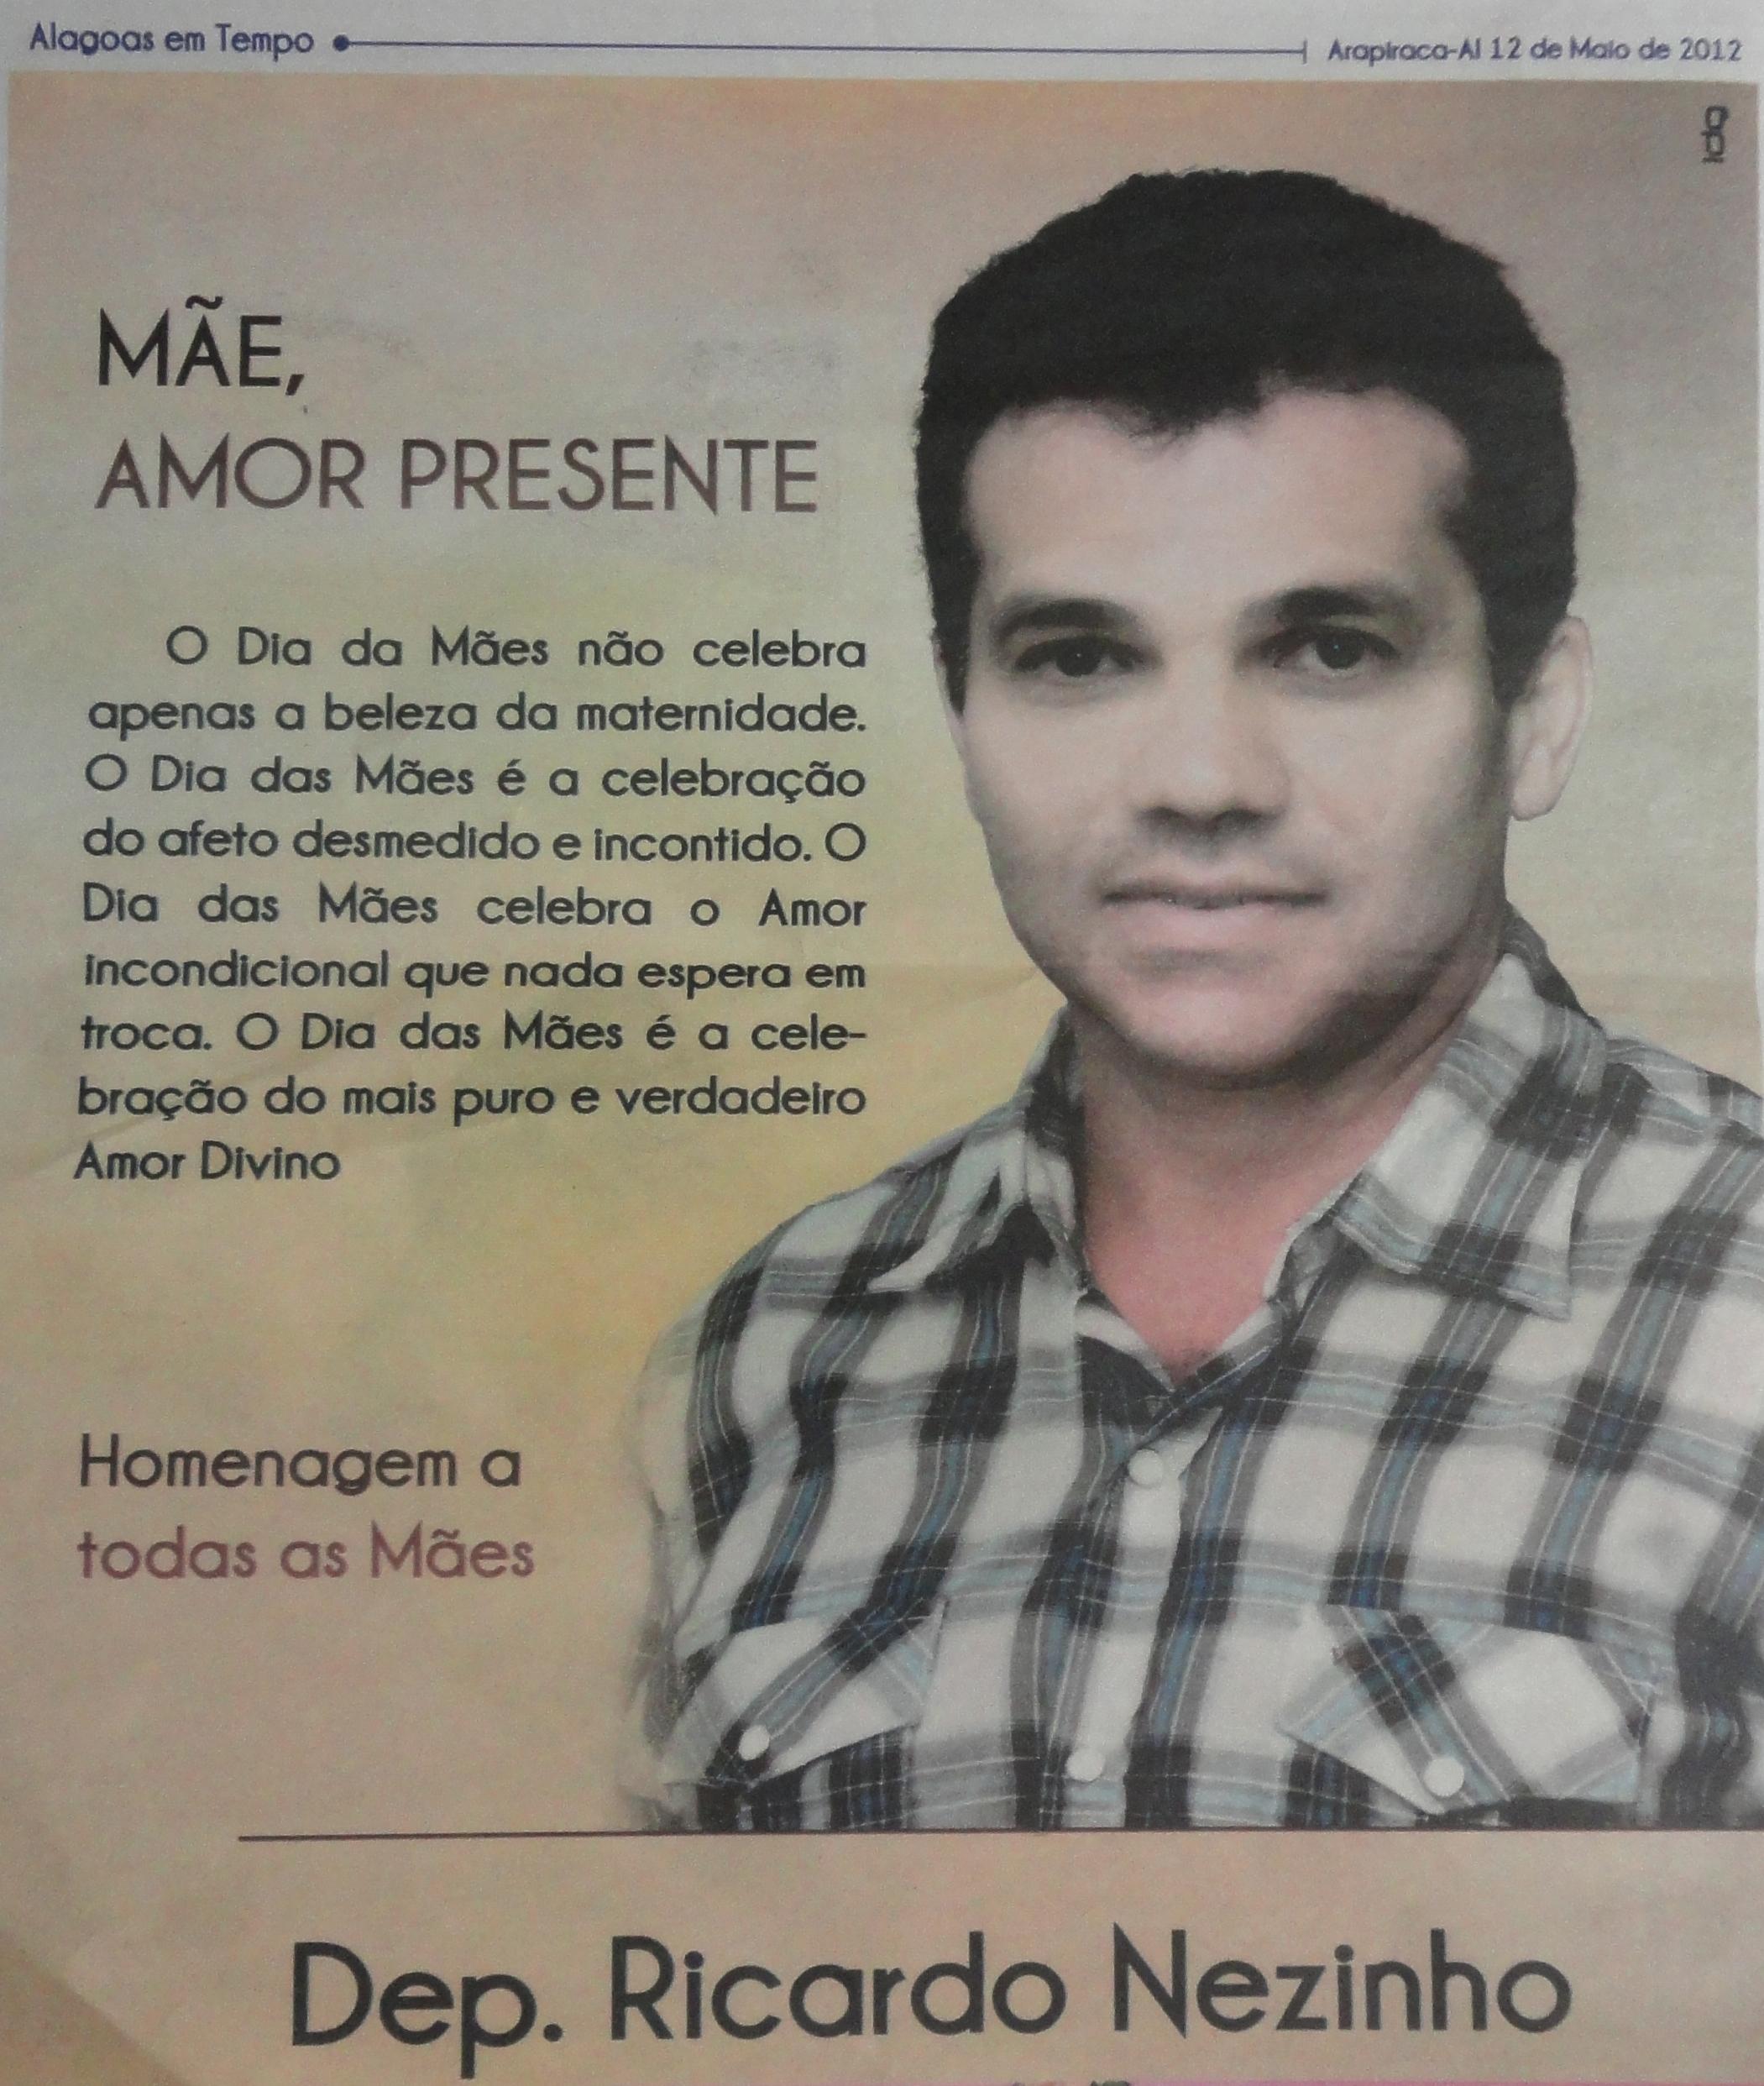 Alagoas em tempo 13-05-2012